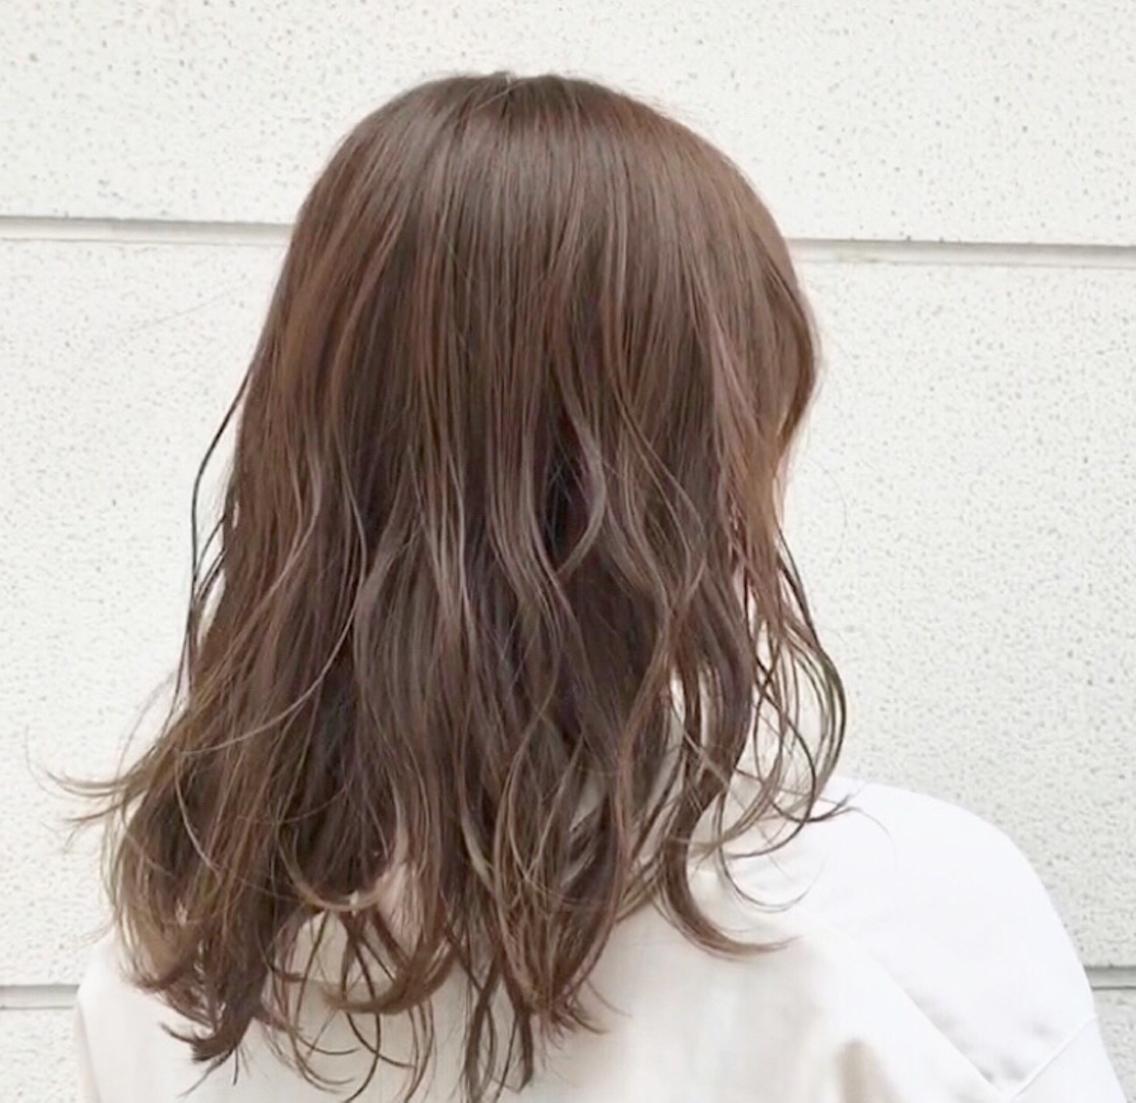 中山駅 徒歩1分!! 縮毛したい方大歓迎!カット、カラー、パーマモデルさんも募集してます☻